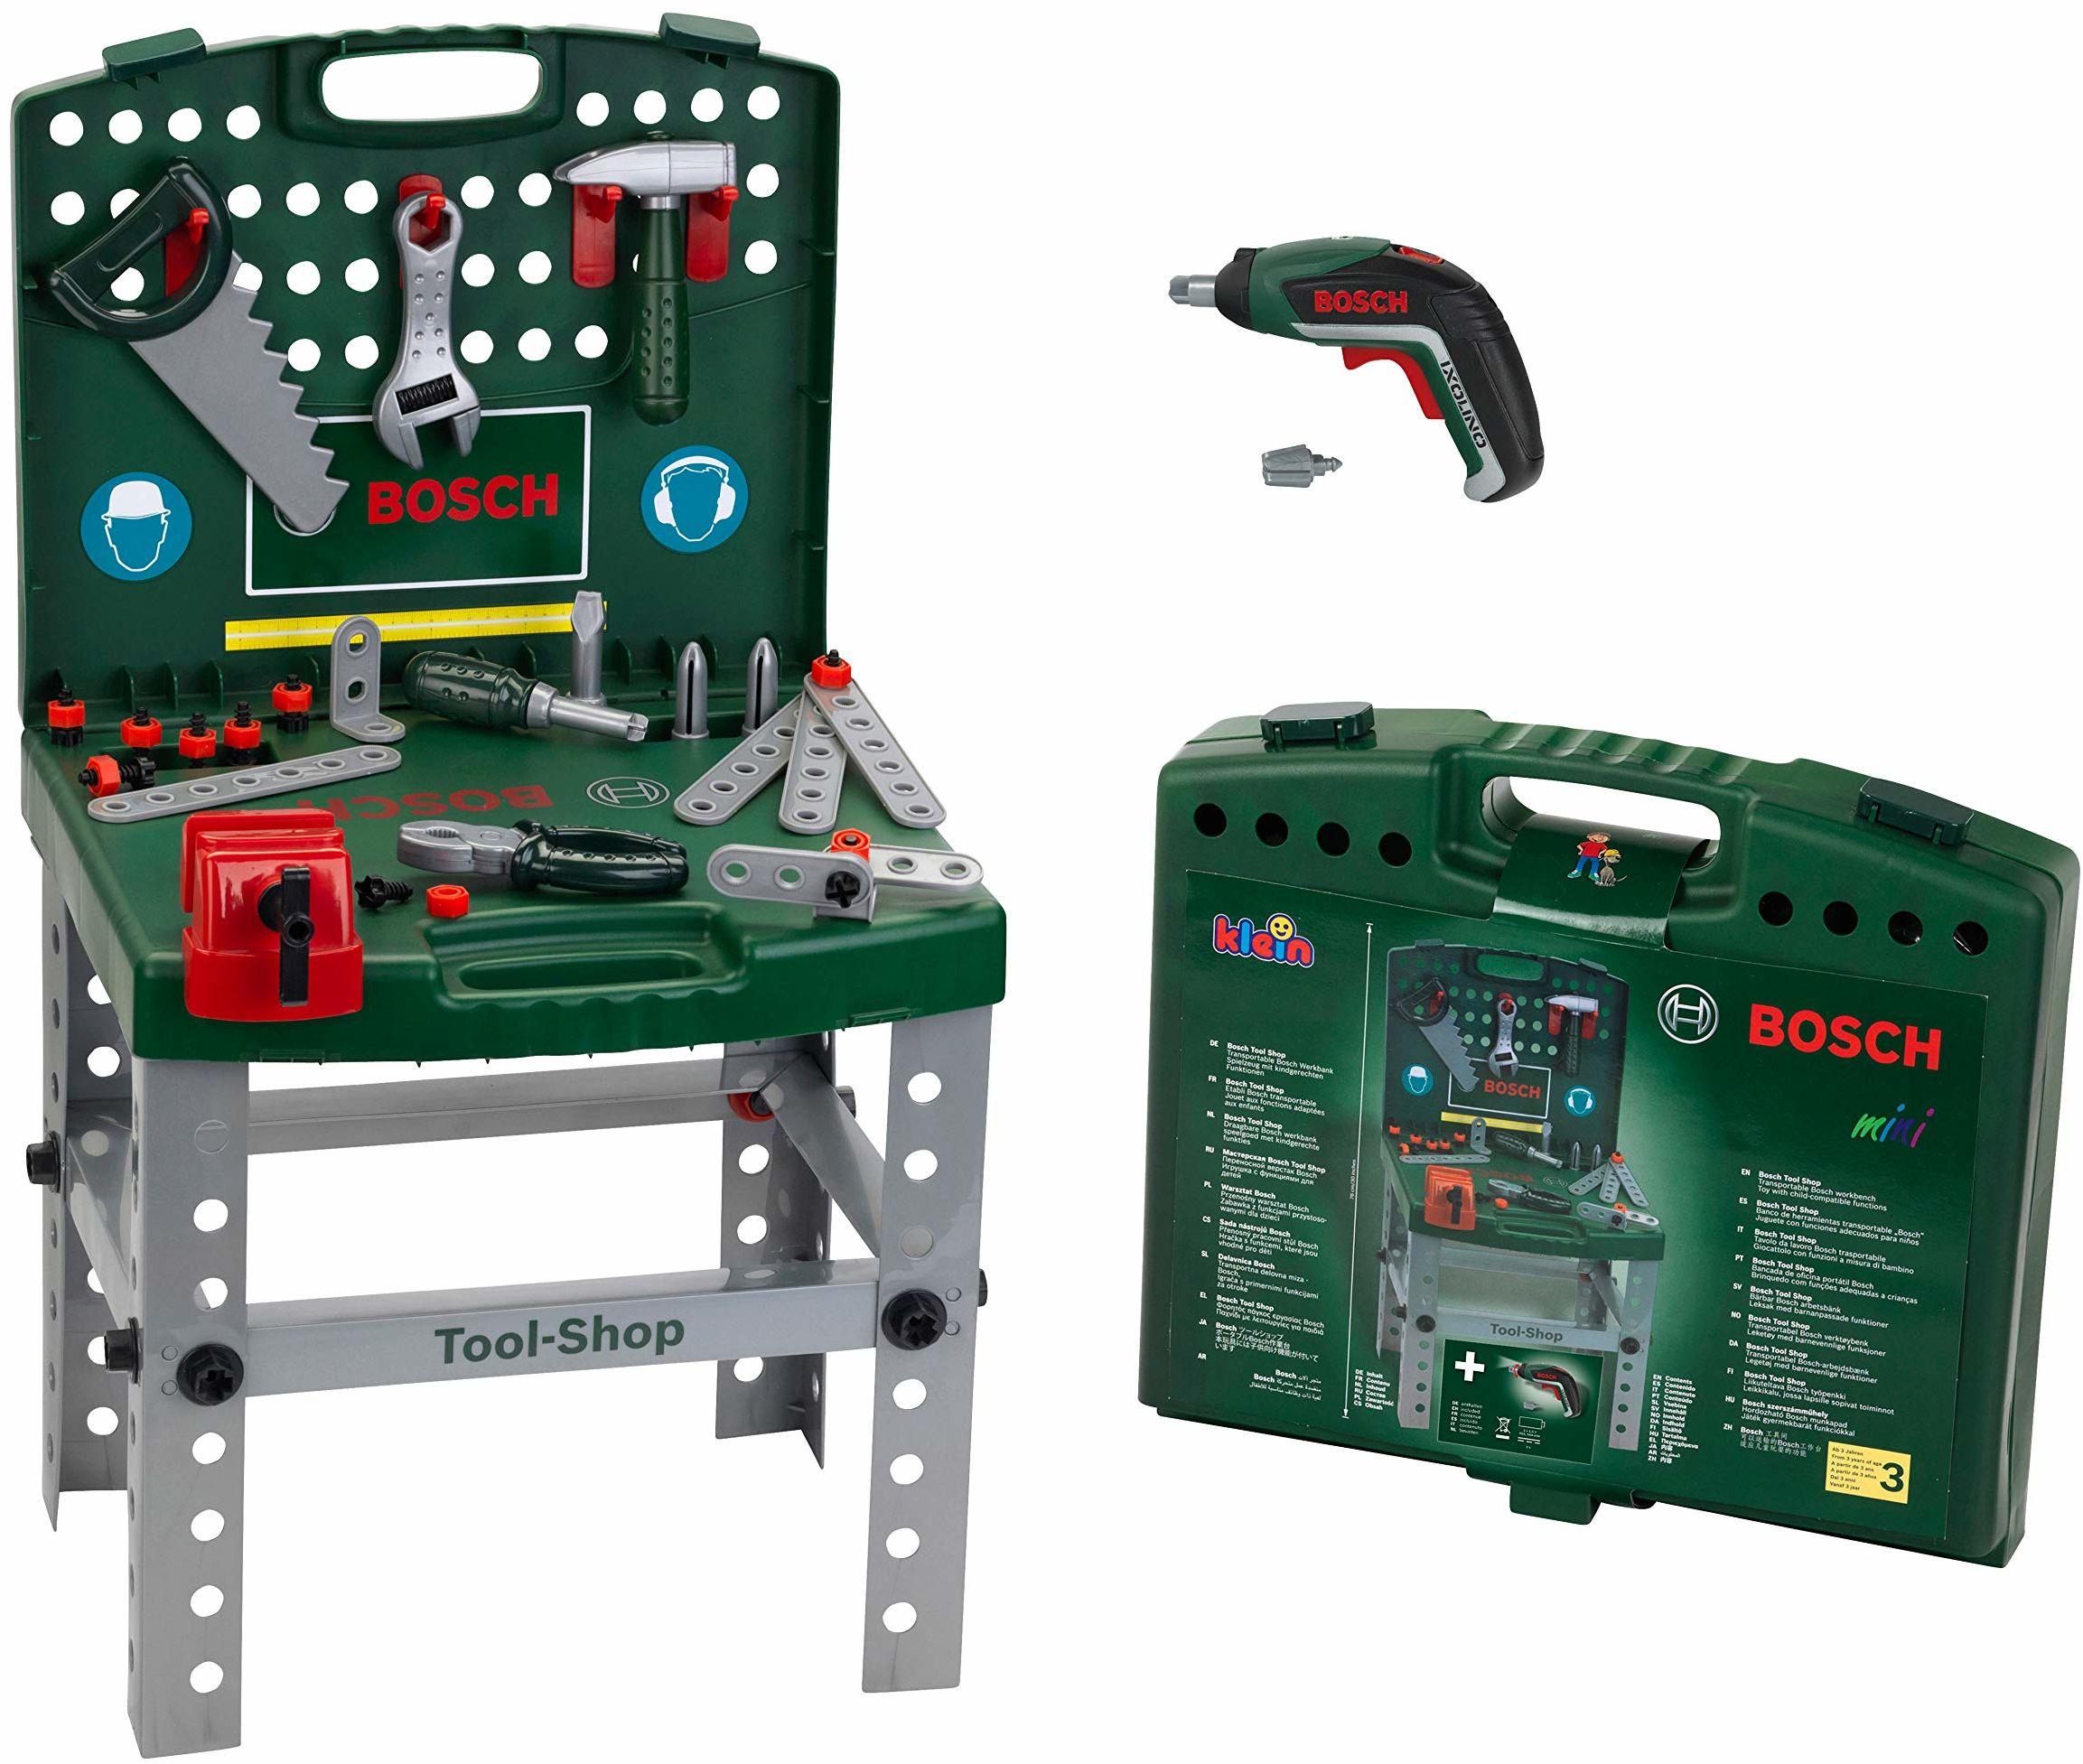 Theo Klein 8676 Tool Shop I Z wkrętarką akumulatorową Bosch Ixolino I składana i łatwa do przenoszenia I Wymiary: 41,5 cm x 8,5 cm 76,5 cm I zabawka dla dzieci od 3 lat